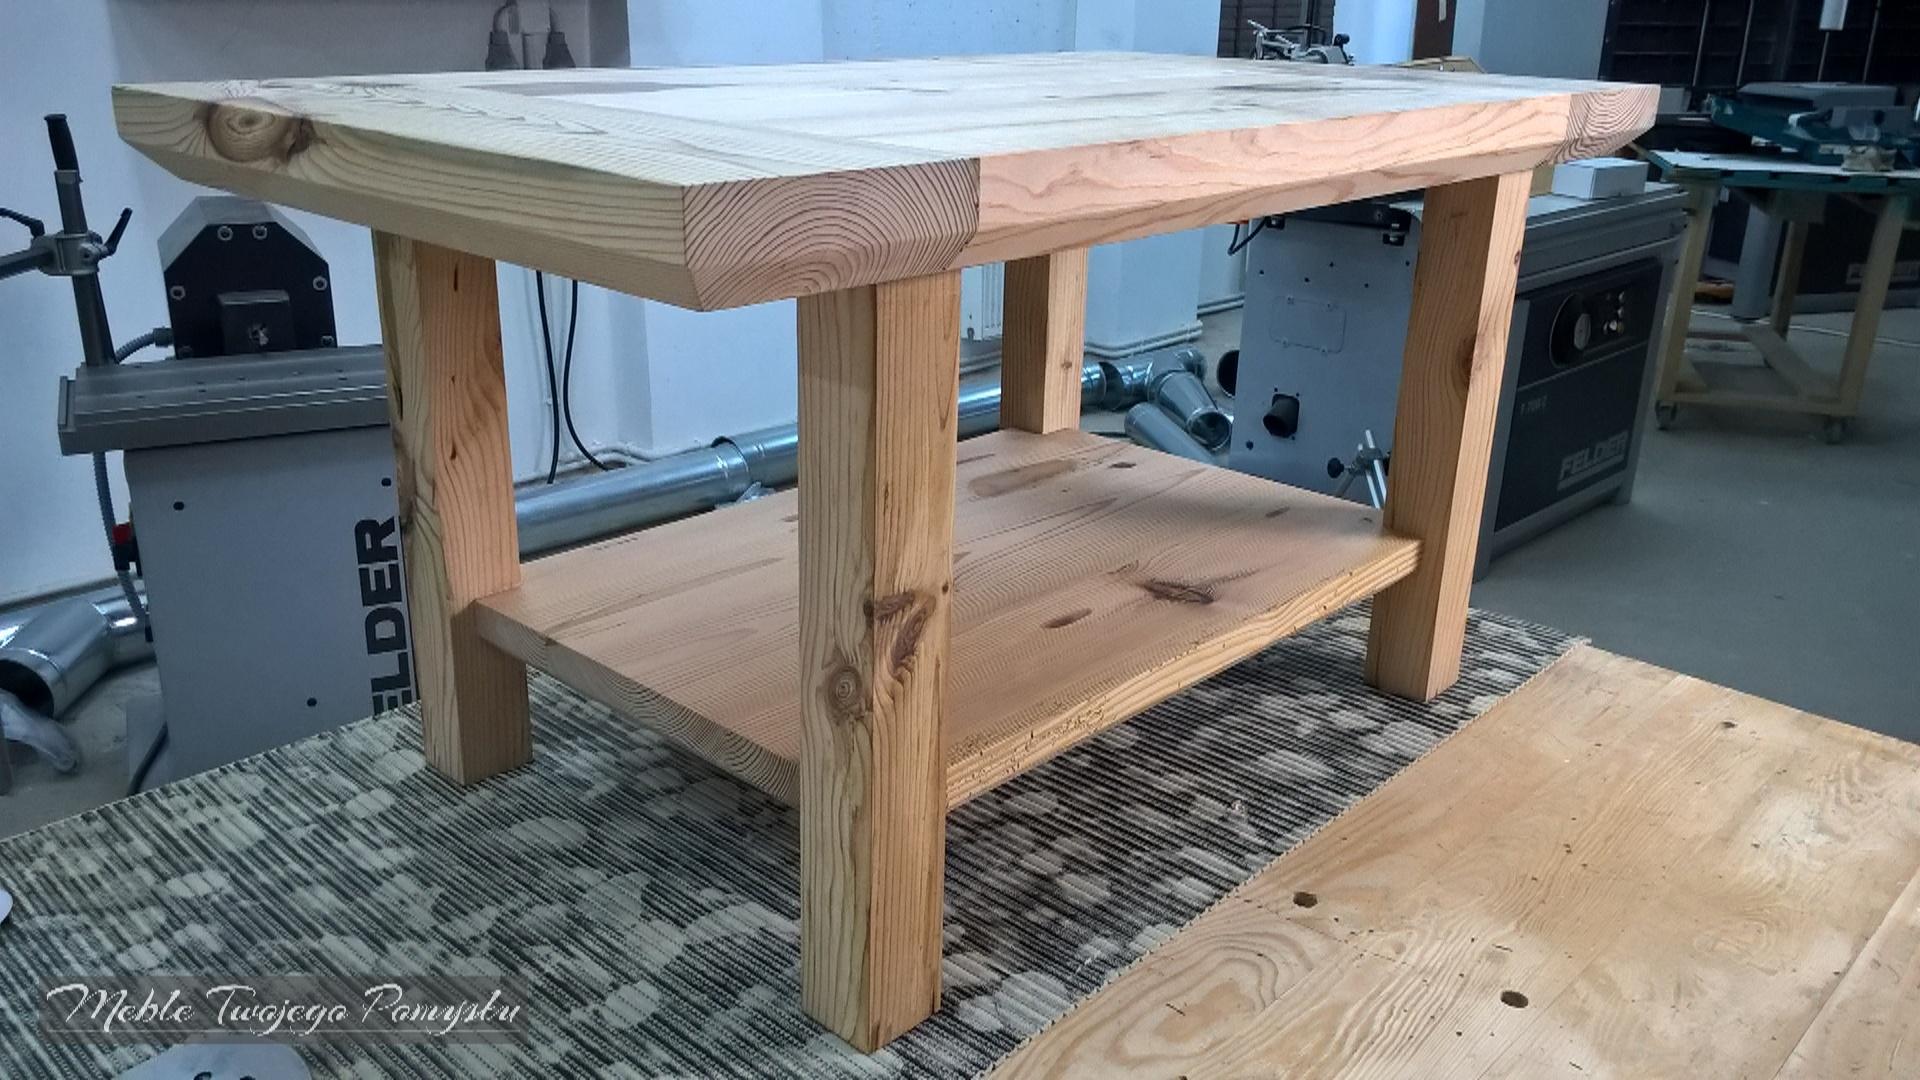 Kwadratowe nogi podkreślają surowy styl stolika